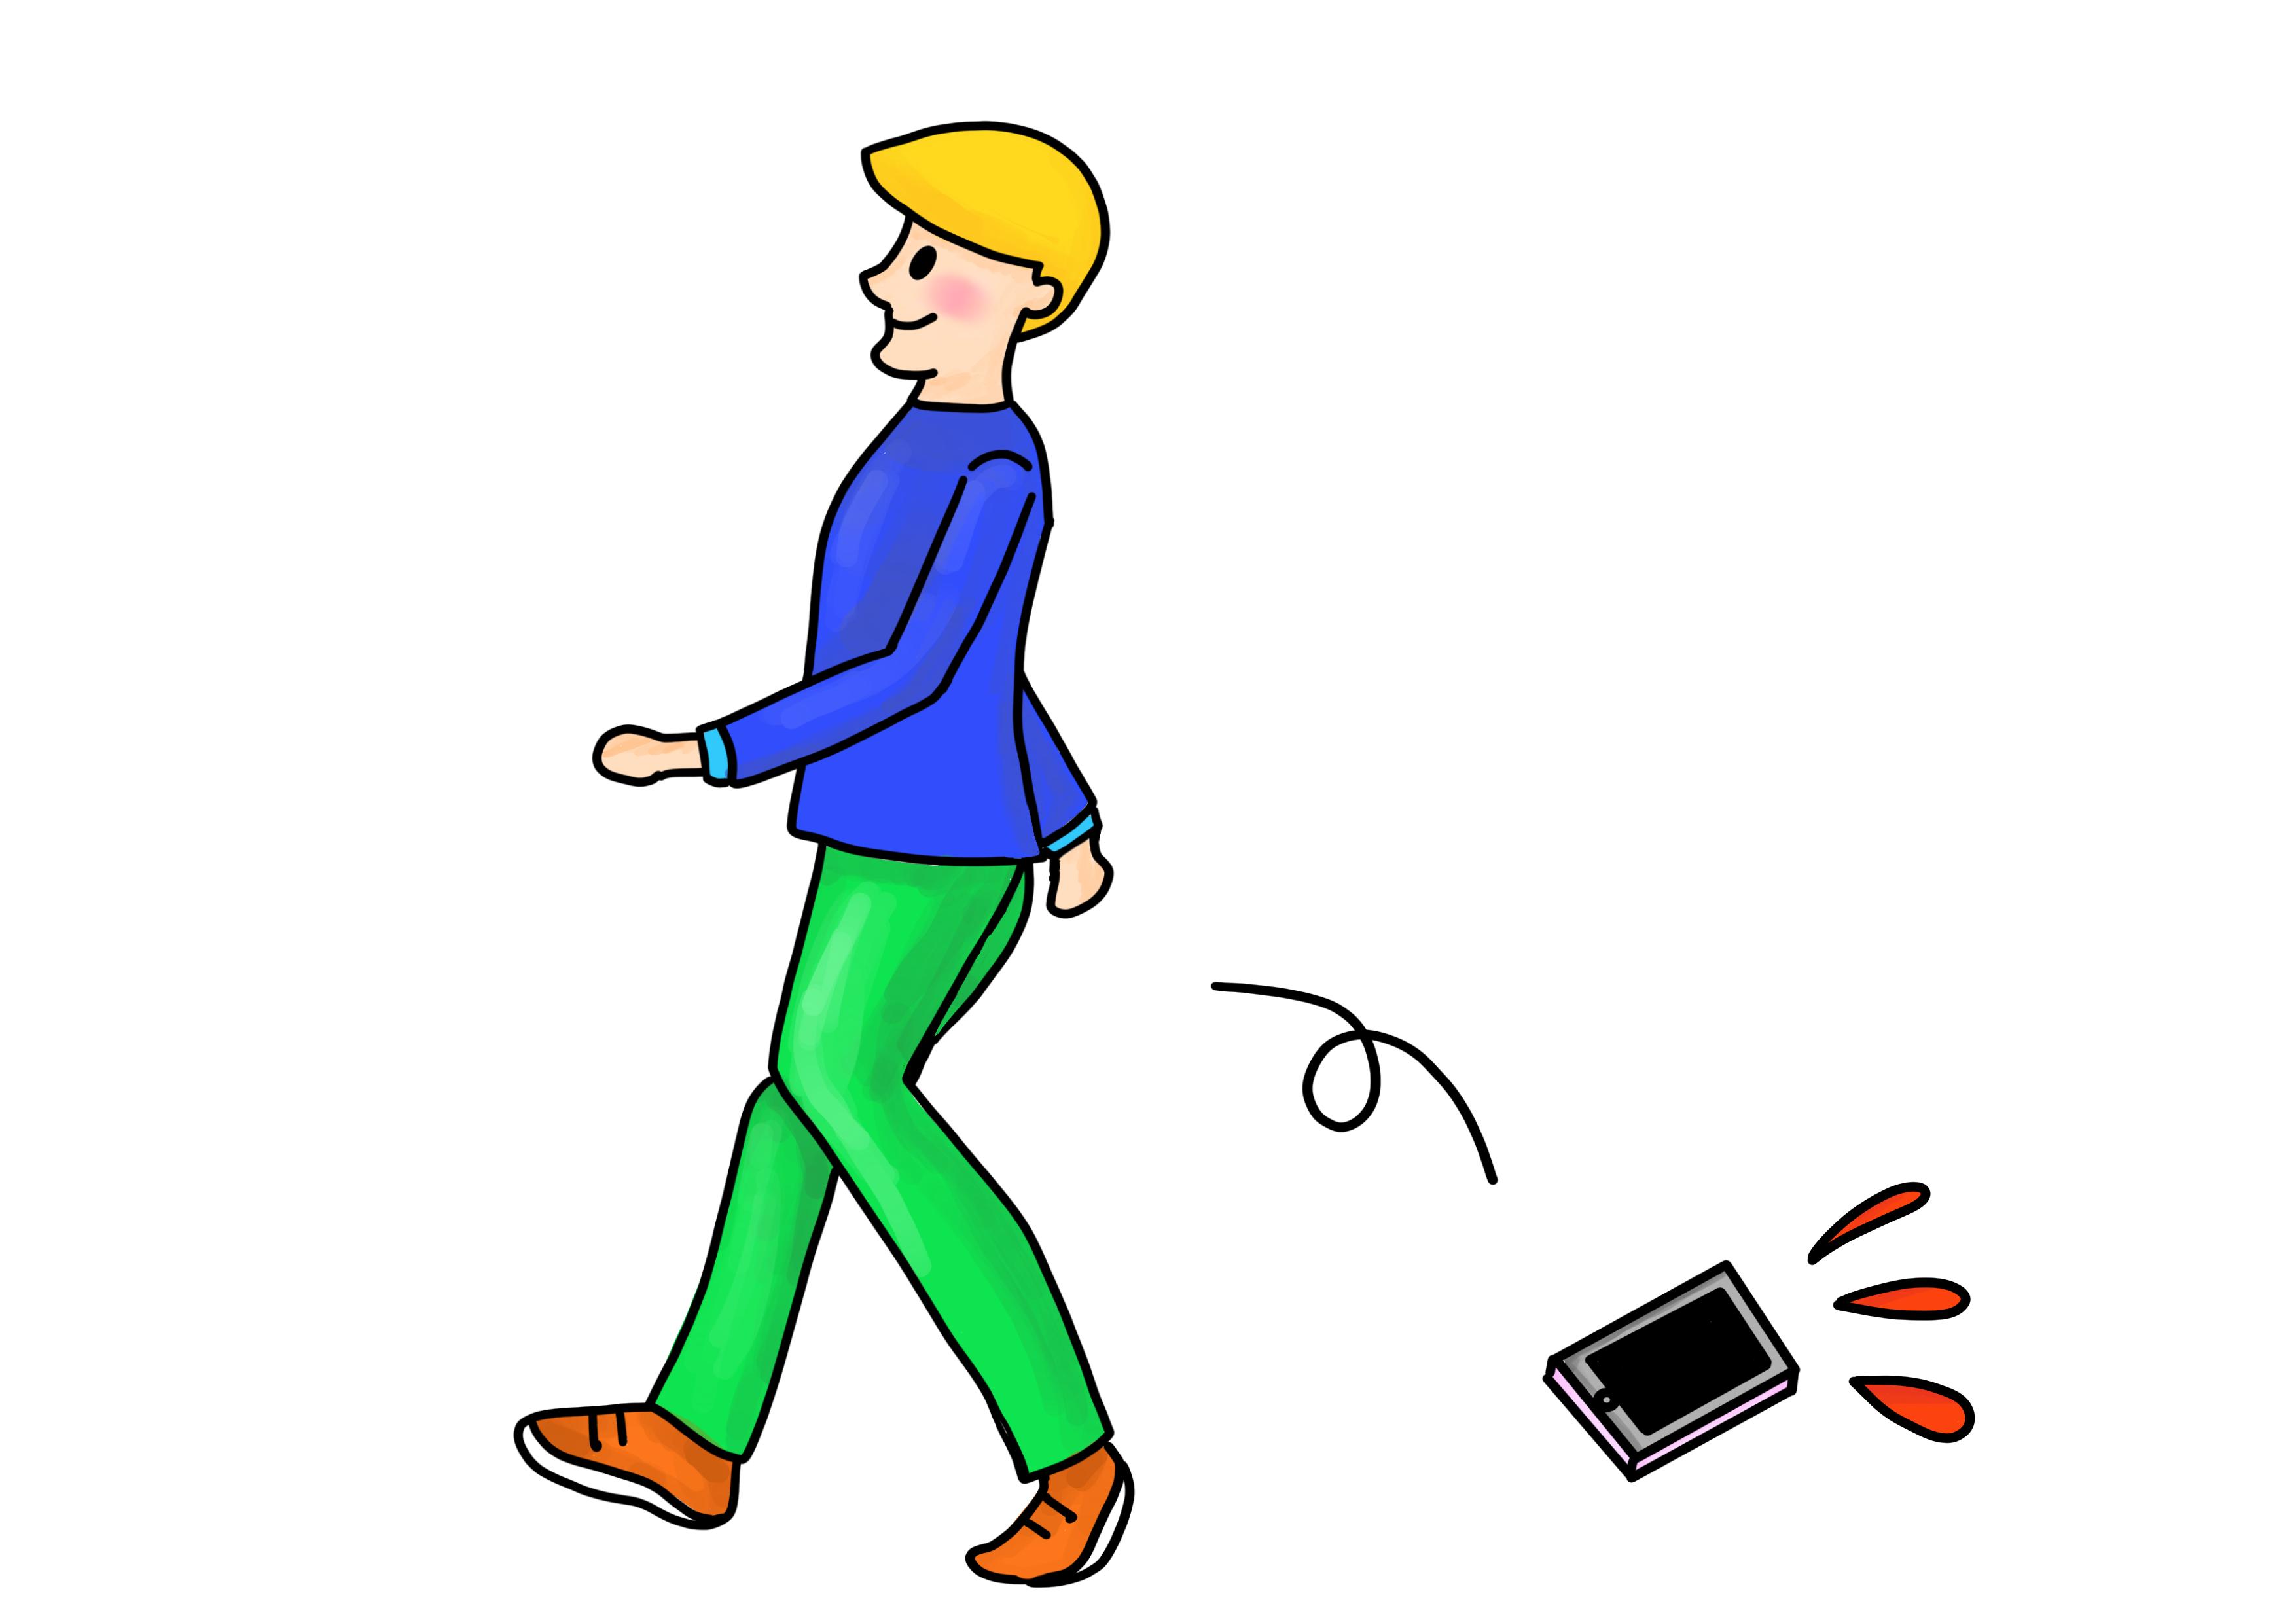 29課イラスト【ケータイを落とす】